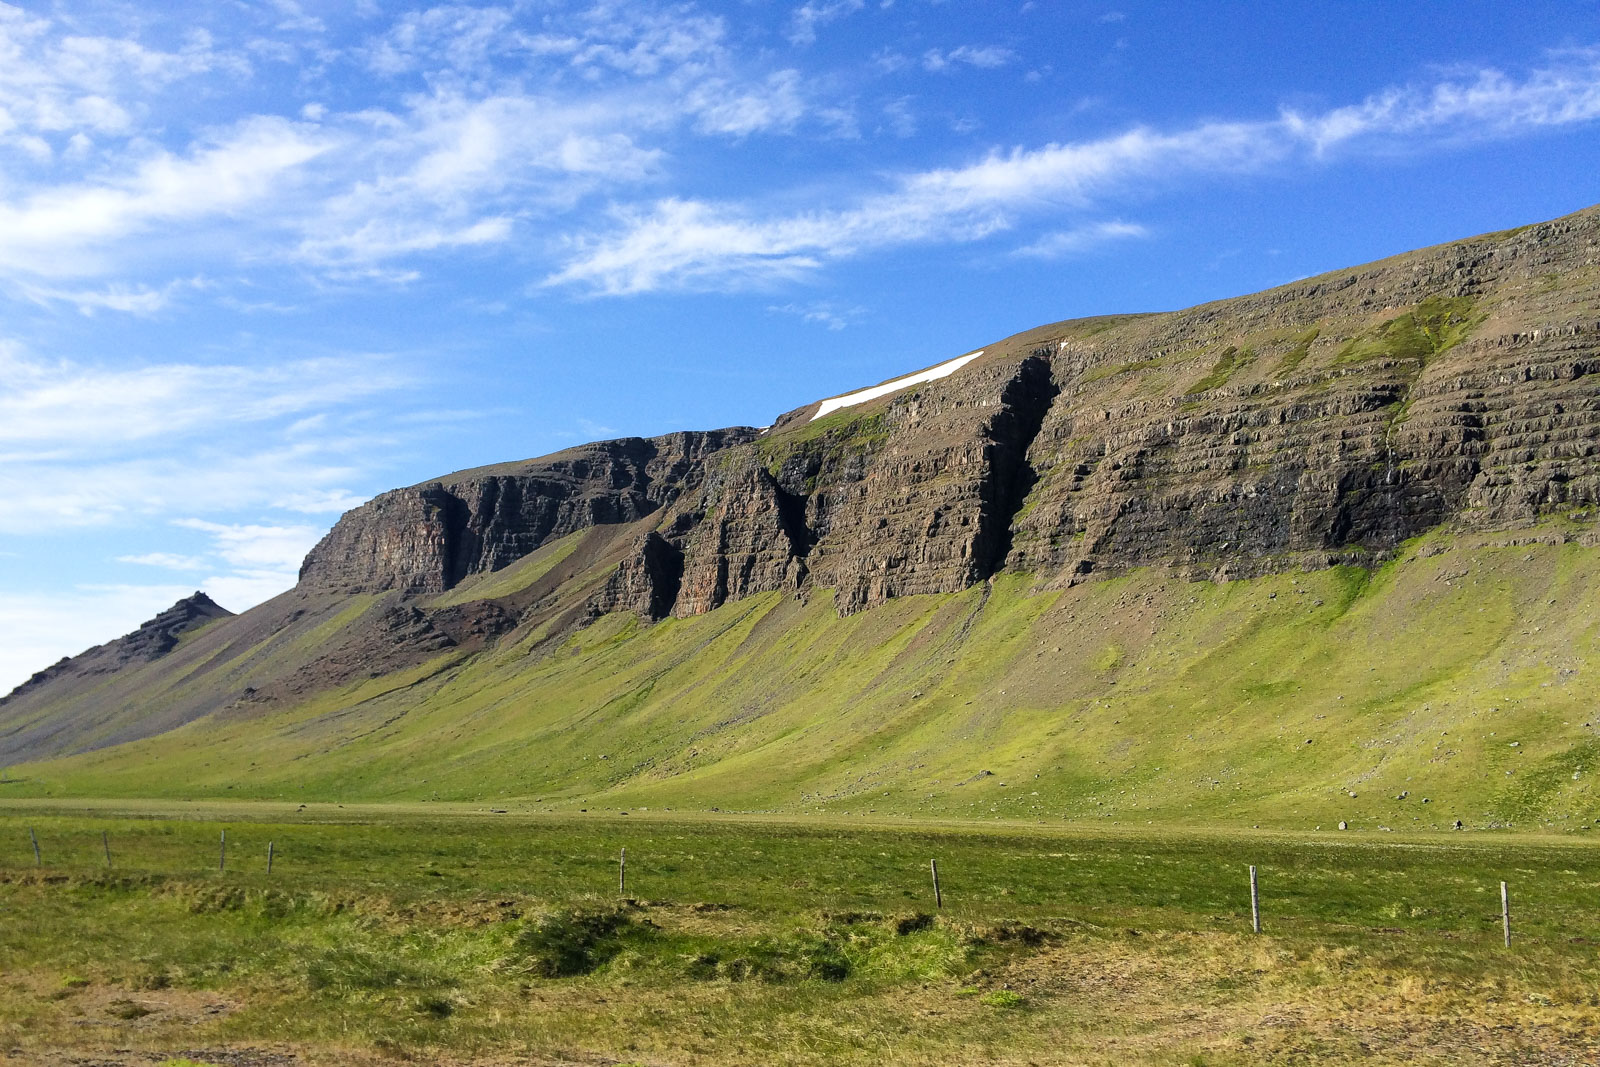 Schon auf dem Weg in die Westfjorde in Island sieht man immer wieder beeindruckende Klippen.